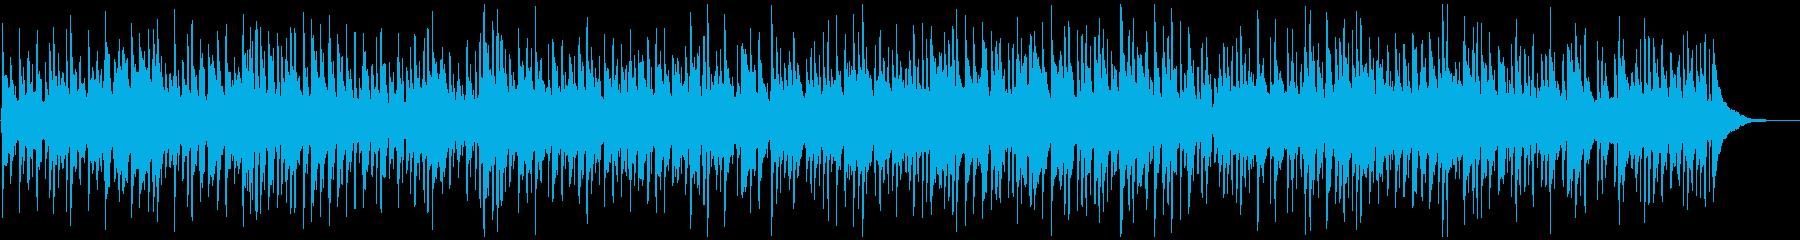 陽気でのどかなケルティック音楽の再生済みの波形